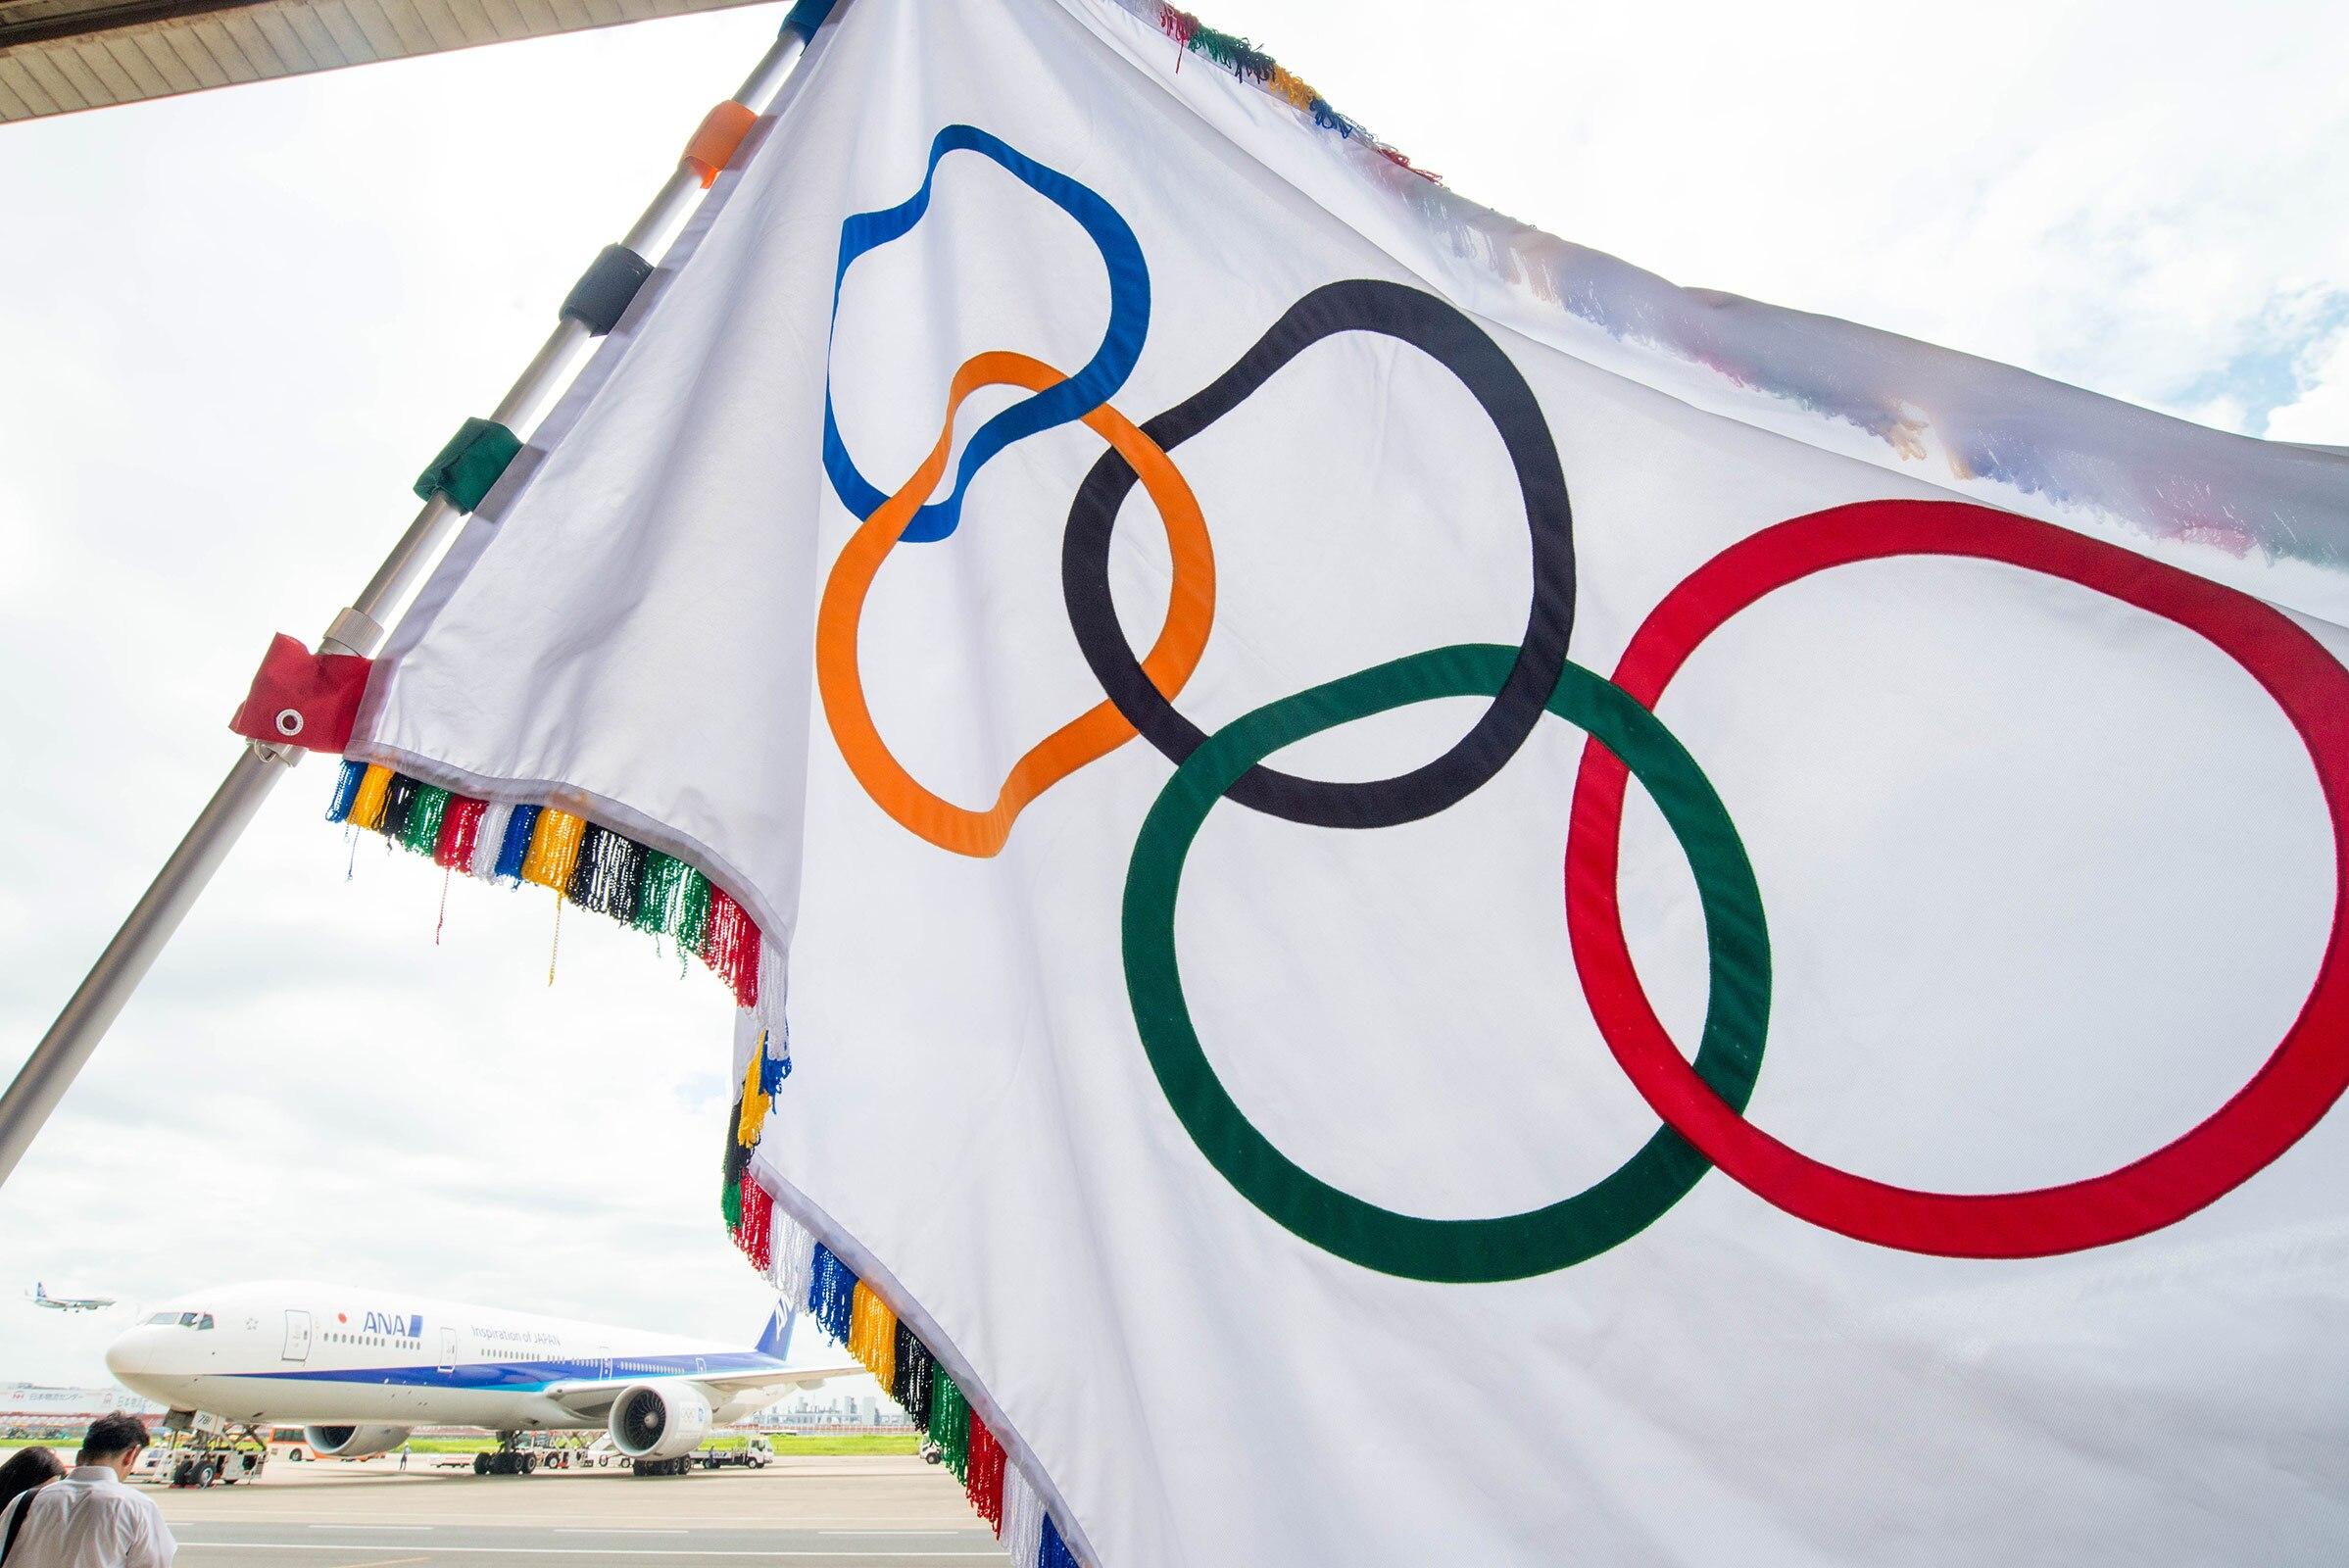 Олимпийские игры-2020 перенесены из-за пандемии коронавируса